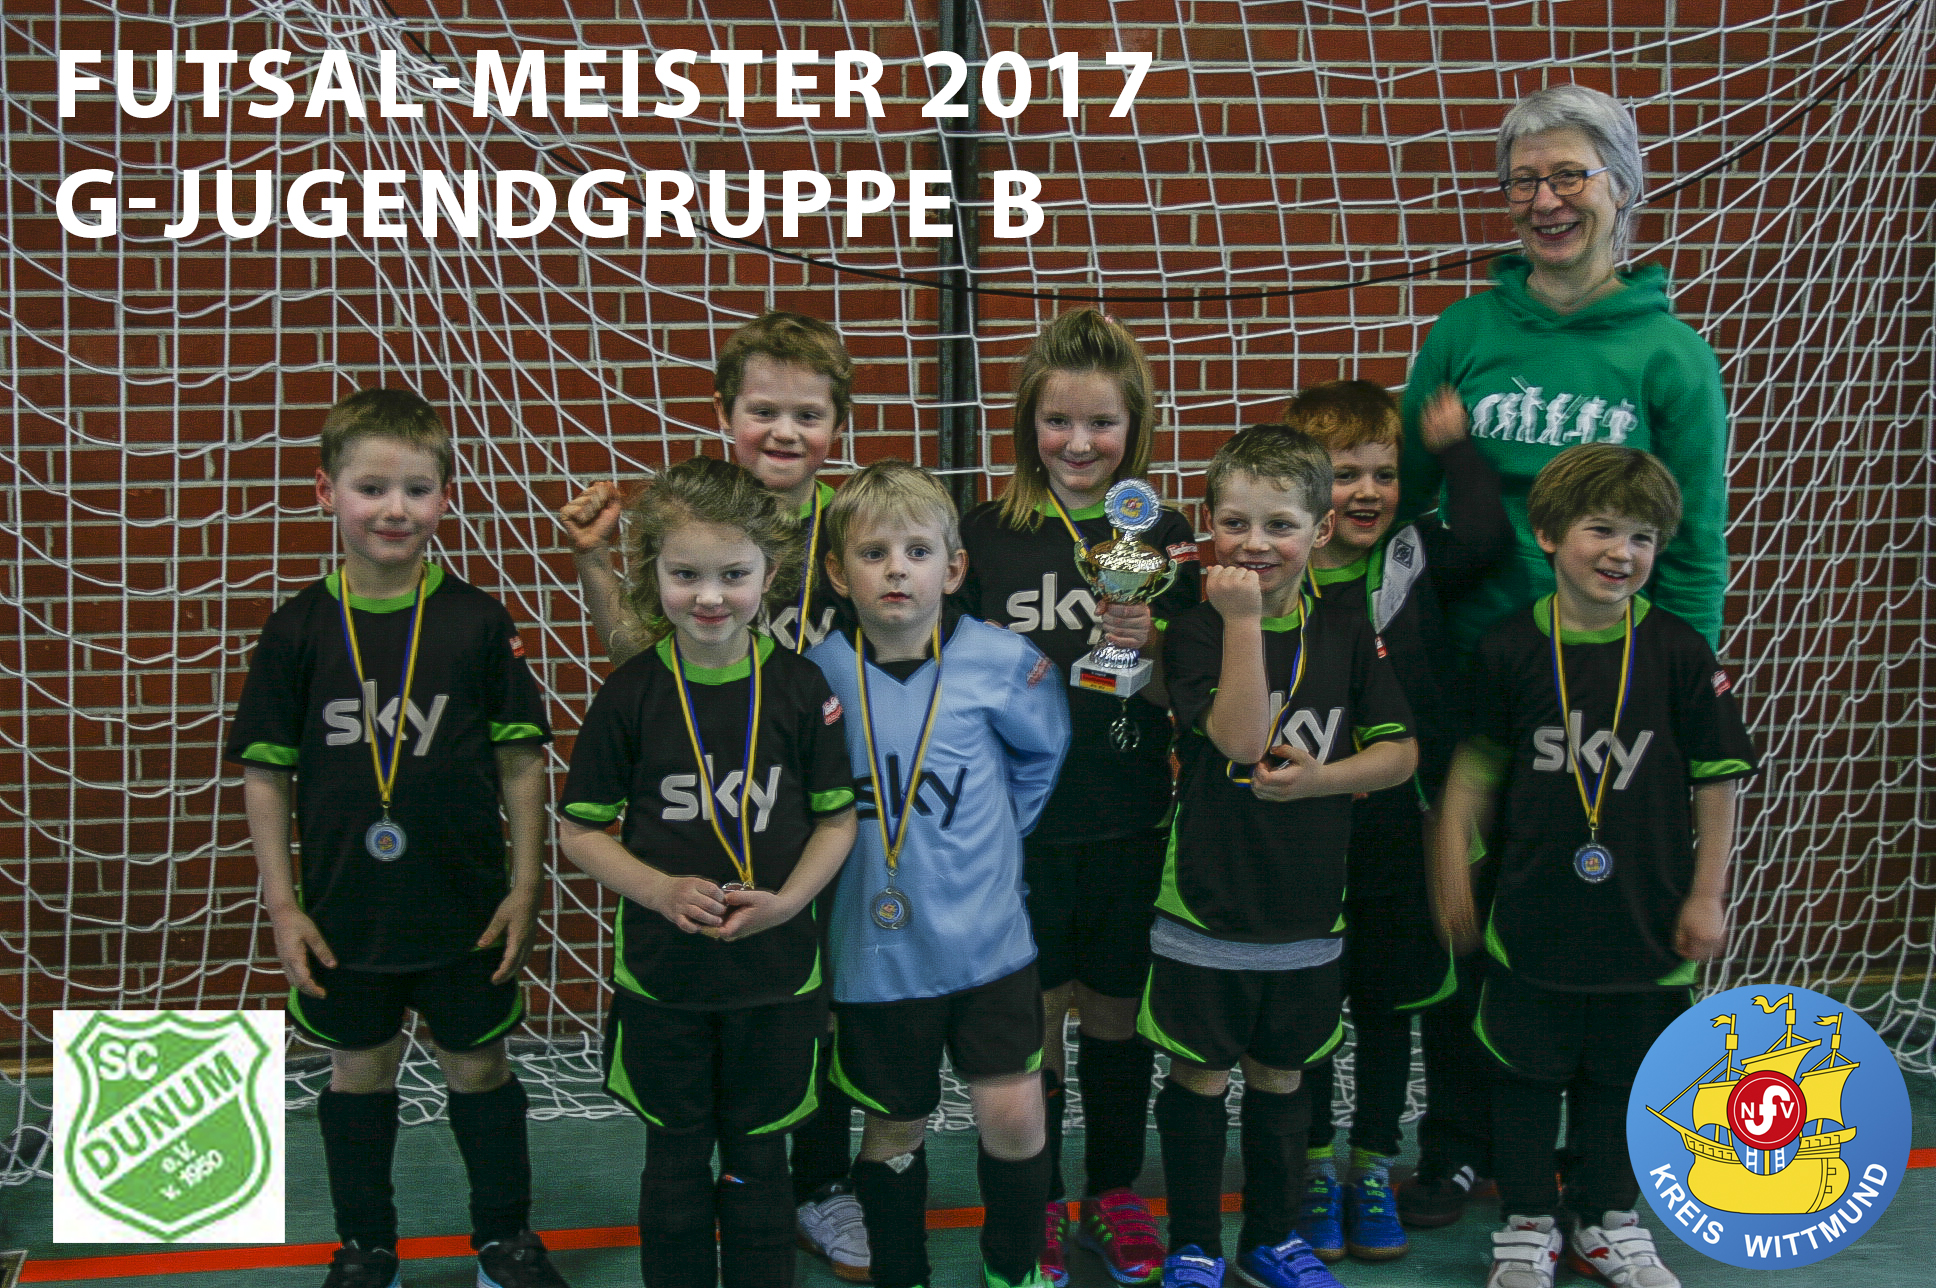 Futsal-Meister Gruppe B 2017